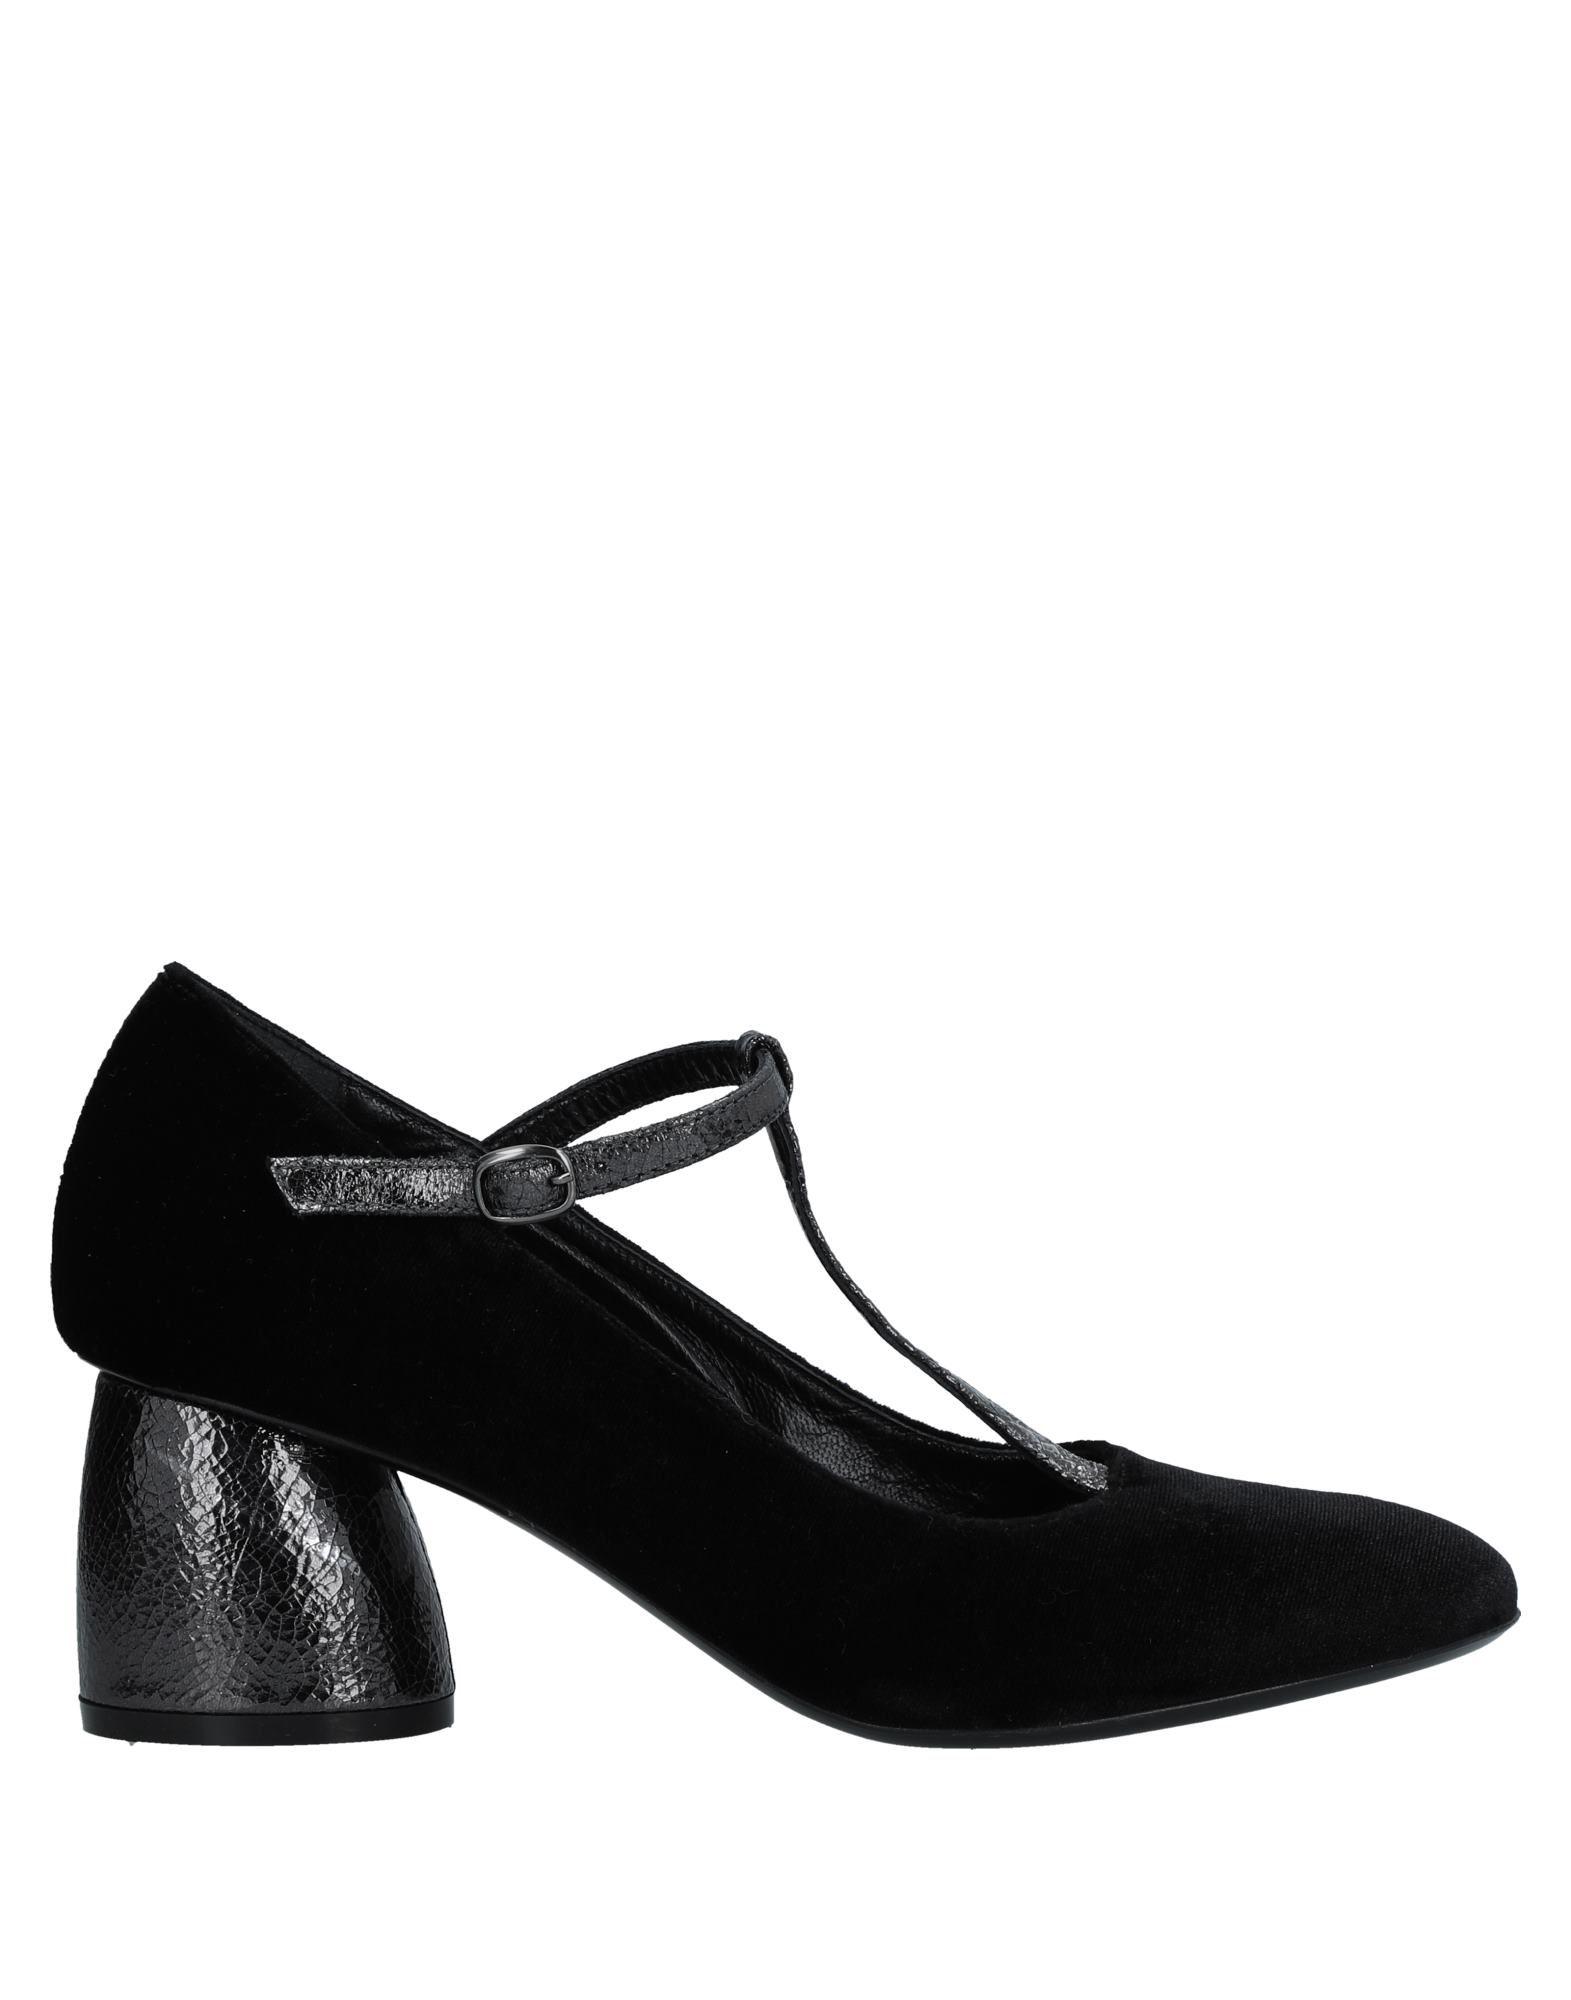 Stilvolle Strategia billige Schuhe Strategia Stilvolle Pumps Damen  11539502BJ 4db946